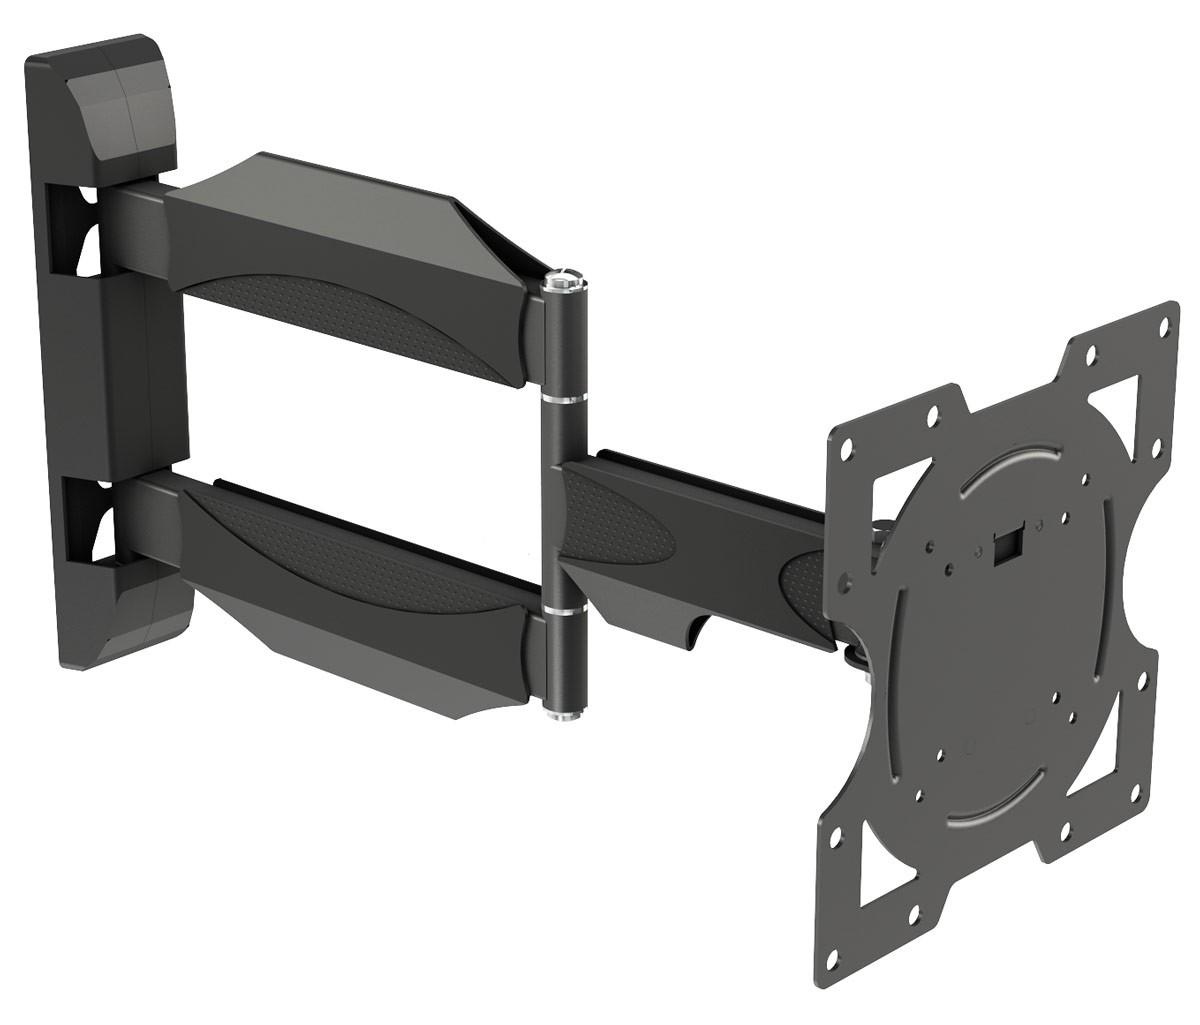 wandhalterung vesa adapter halterung schwenkbar s0144 10751. Black Bedroom Furniture Sets. Home Design Ideas